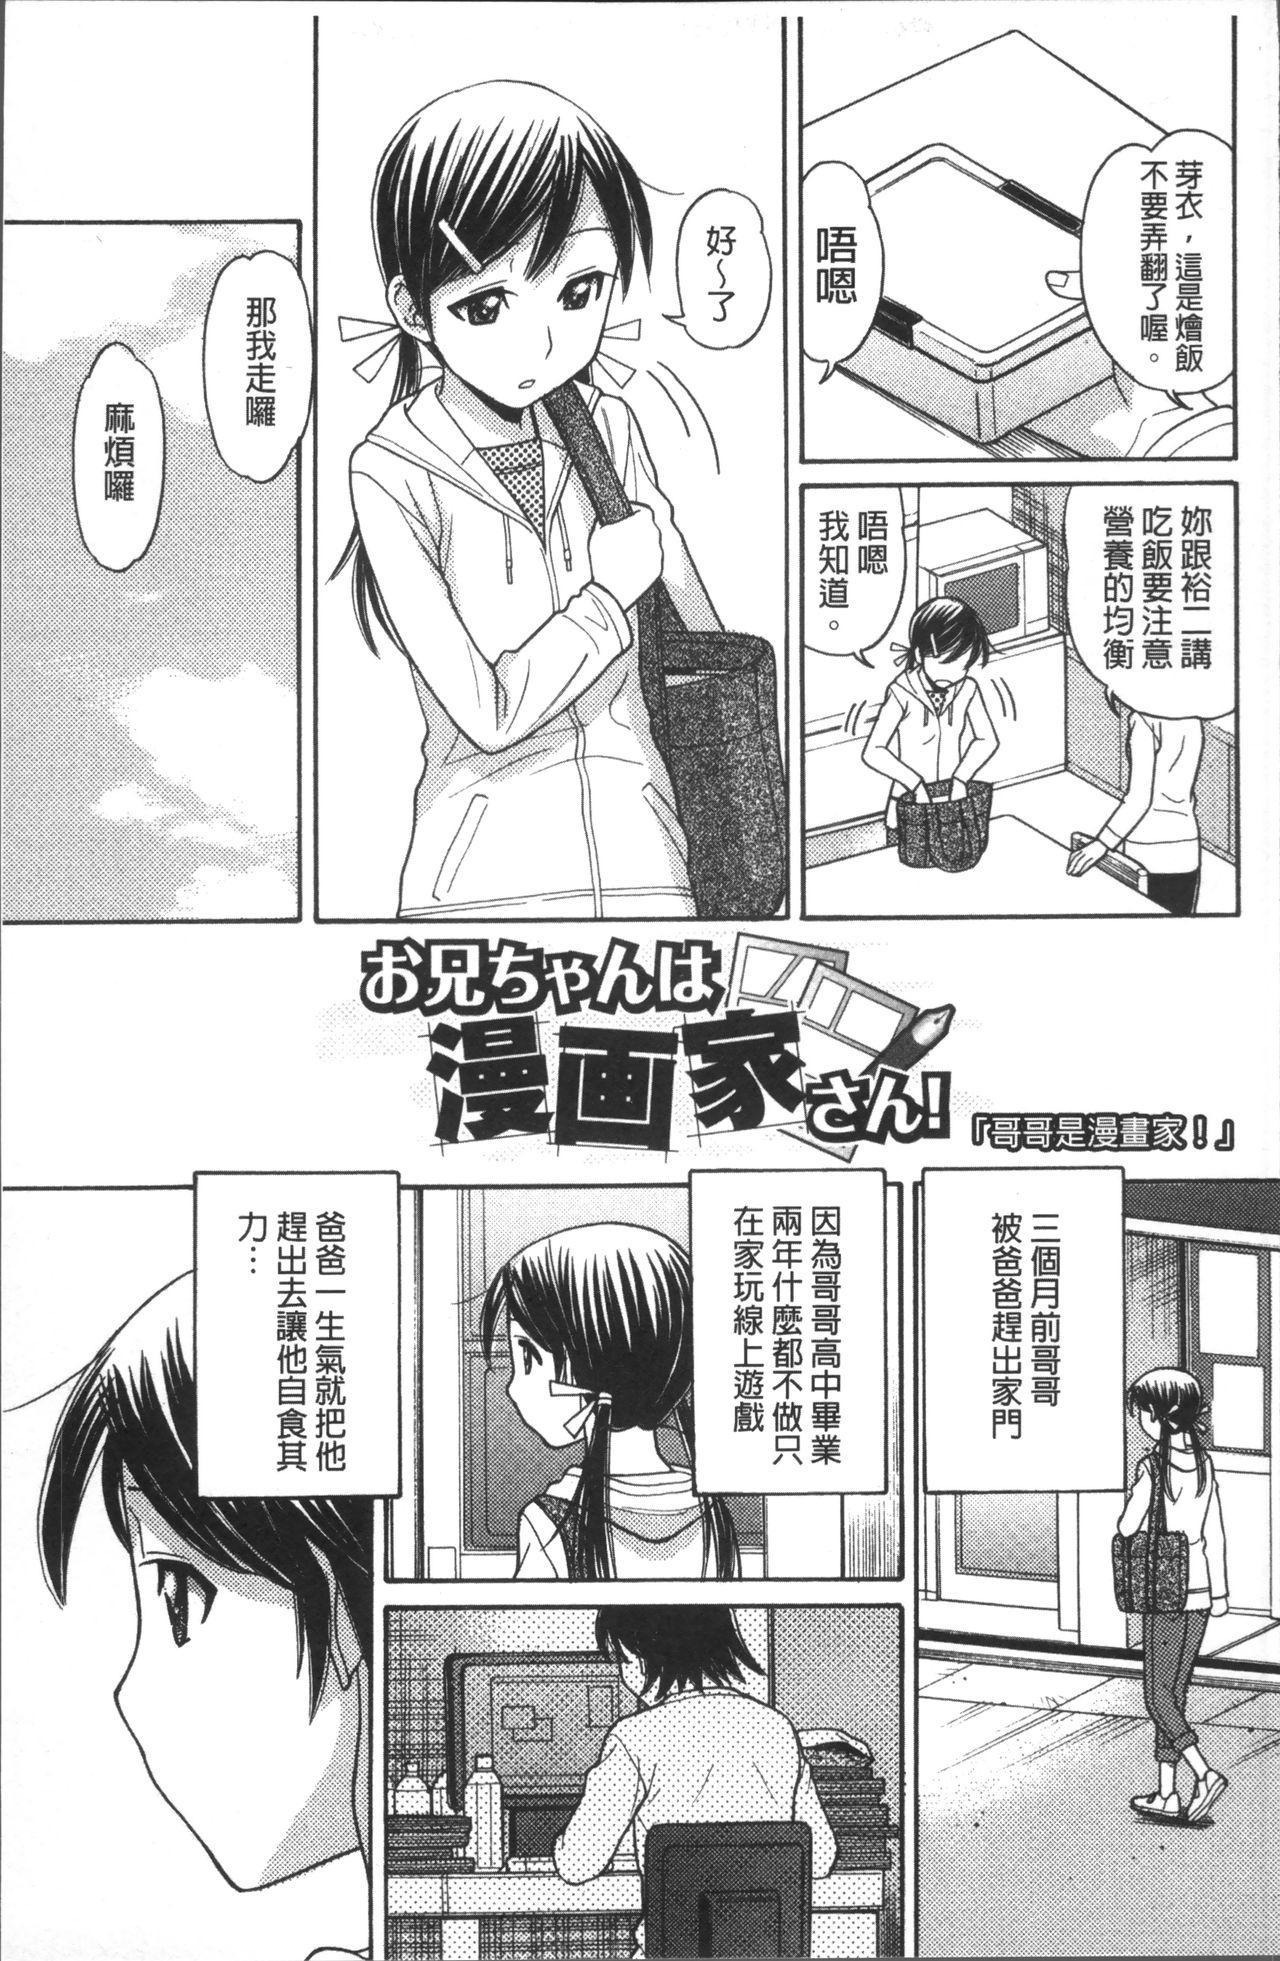 [Tanaka-Ex] Onii-chan wa Mangaka-san! [Chinese] 141